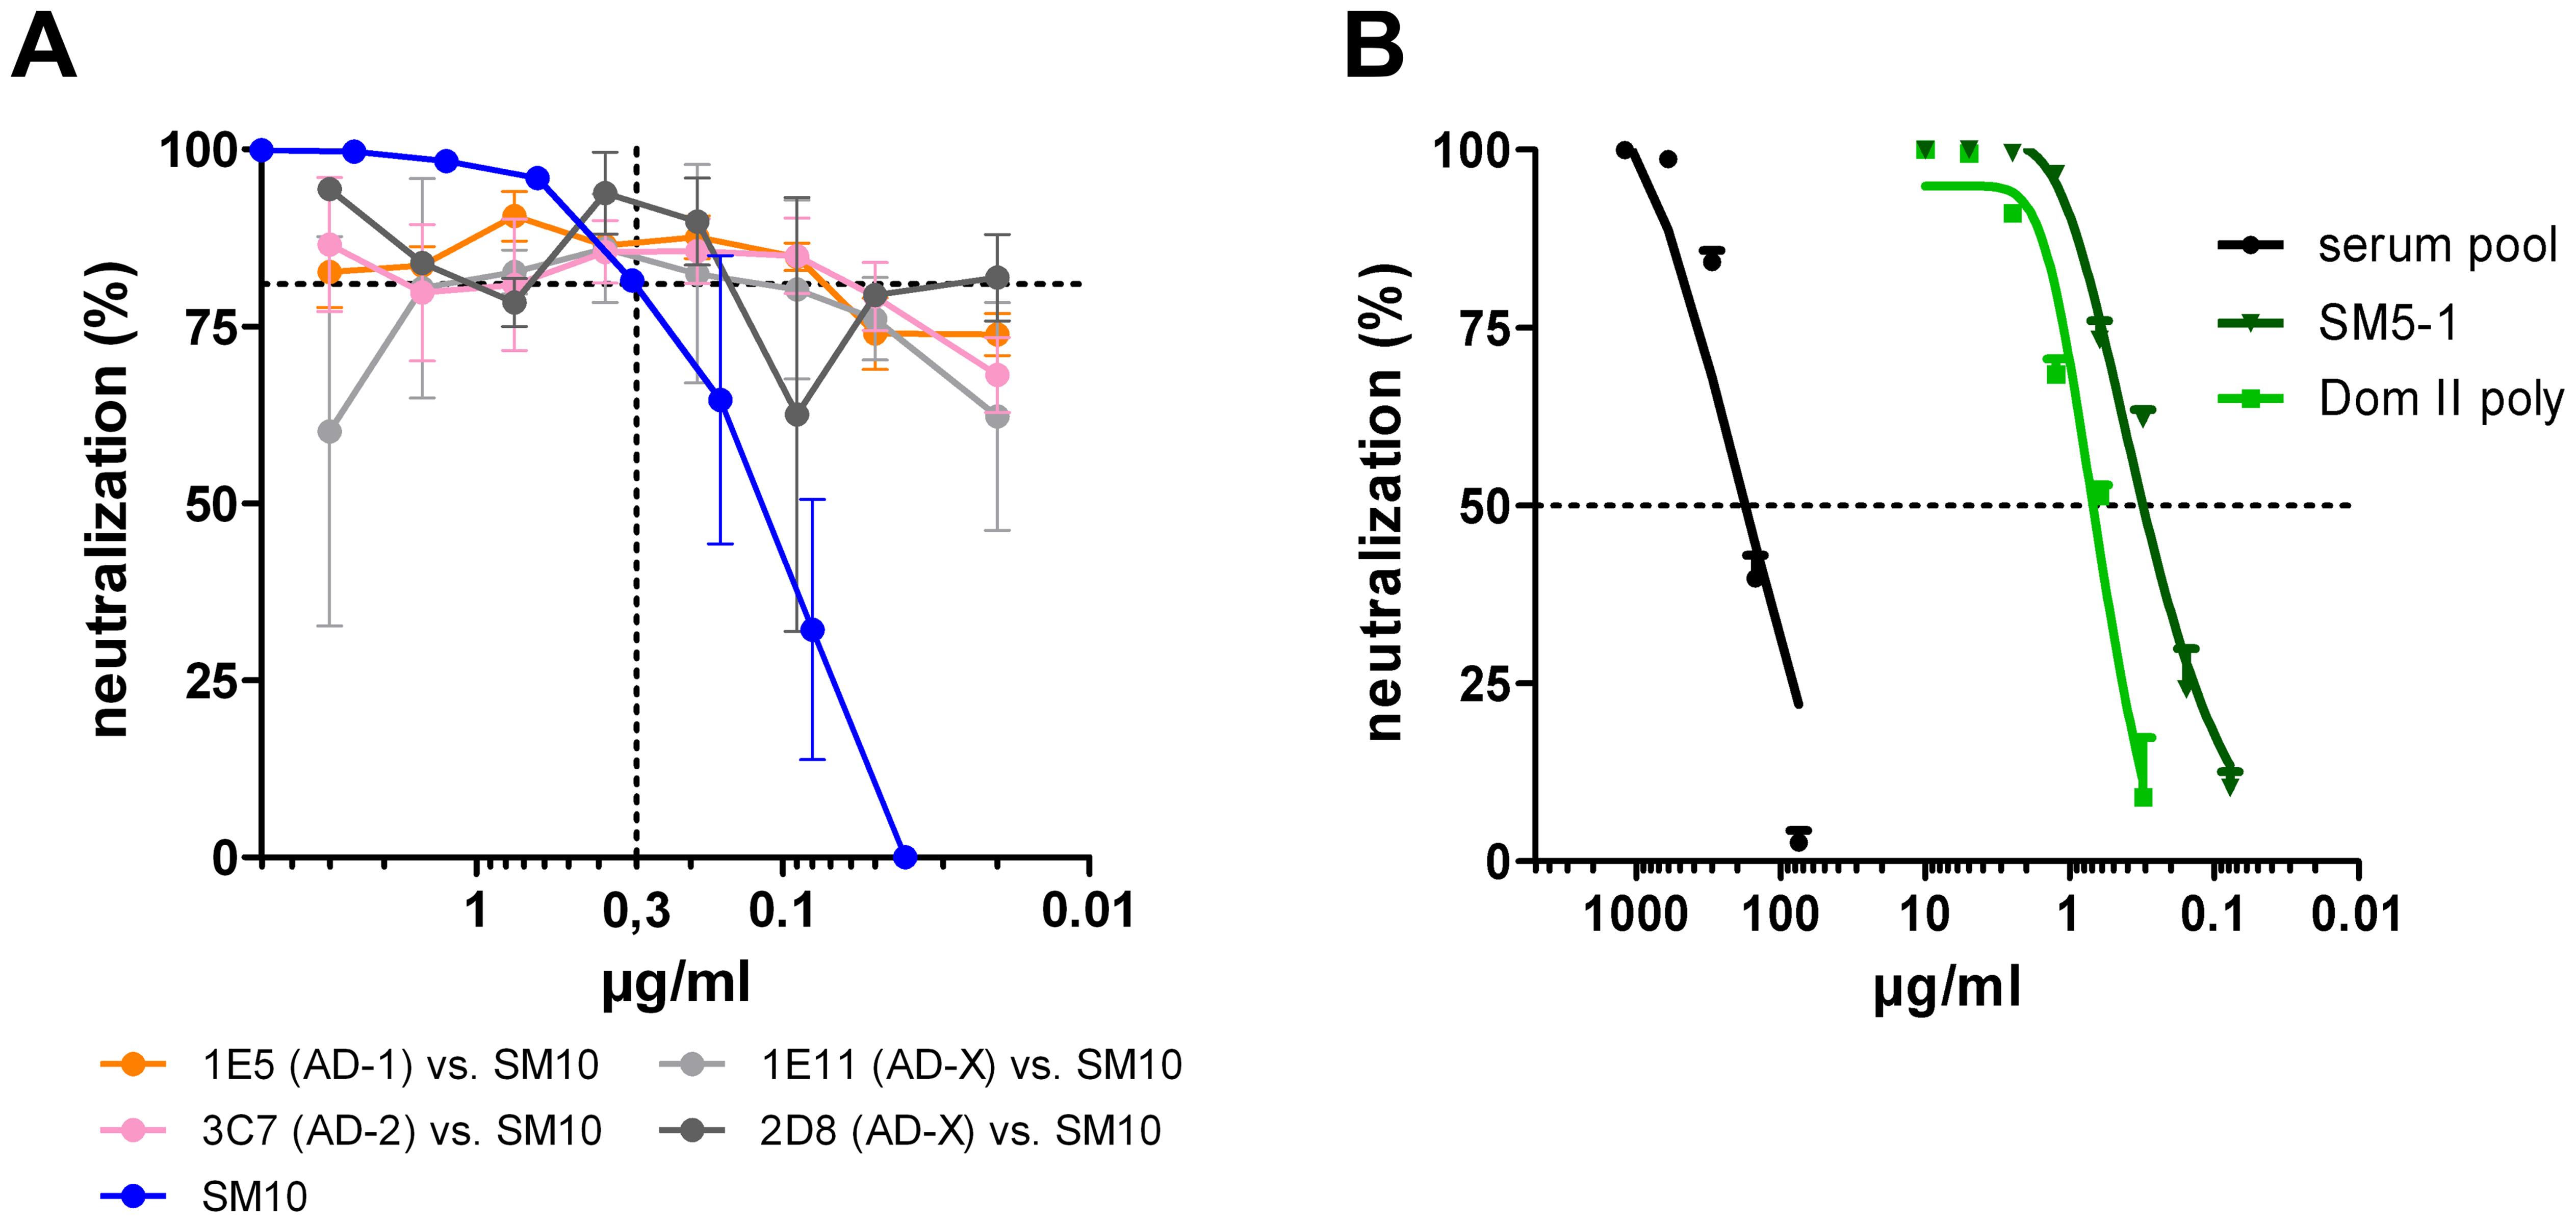 Influence of non-neutralizing antibodies on neutralizing capacity of antibodies.